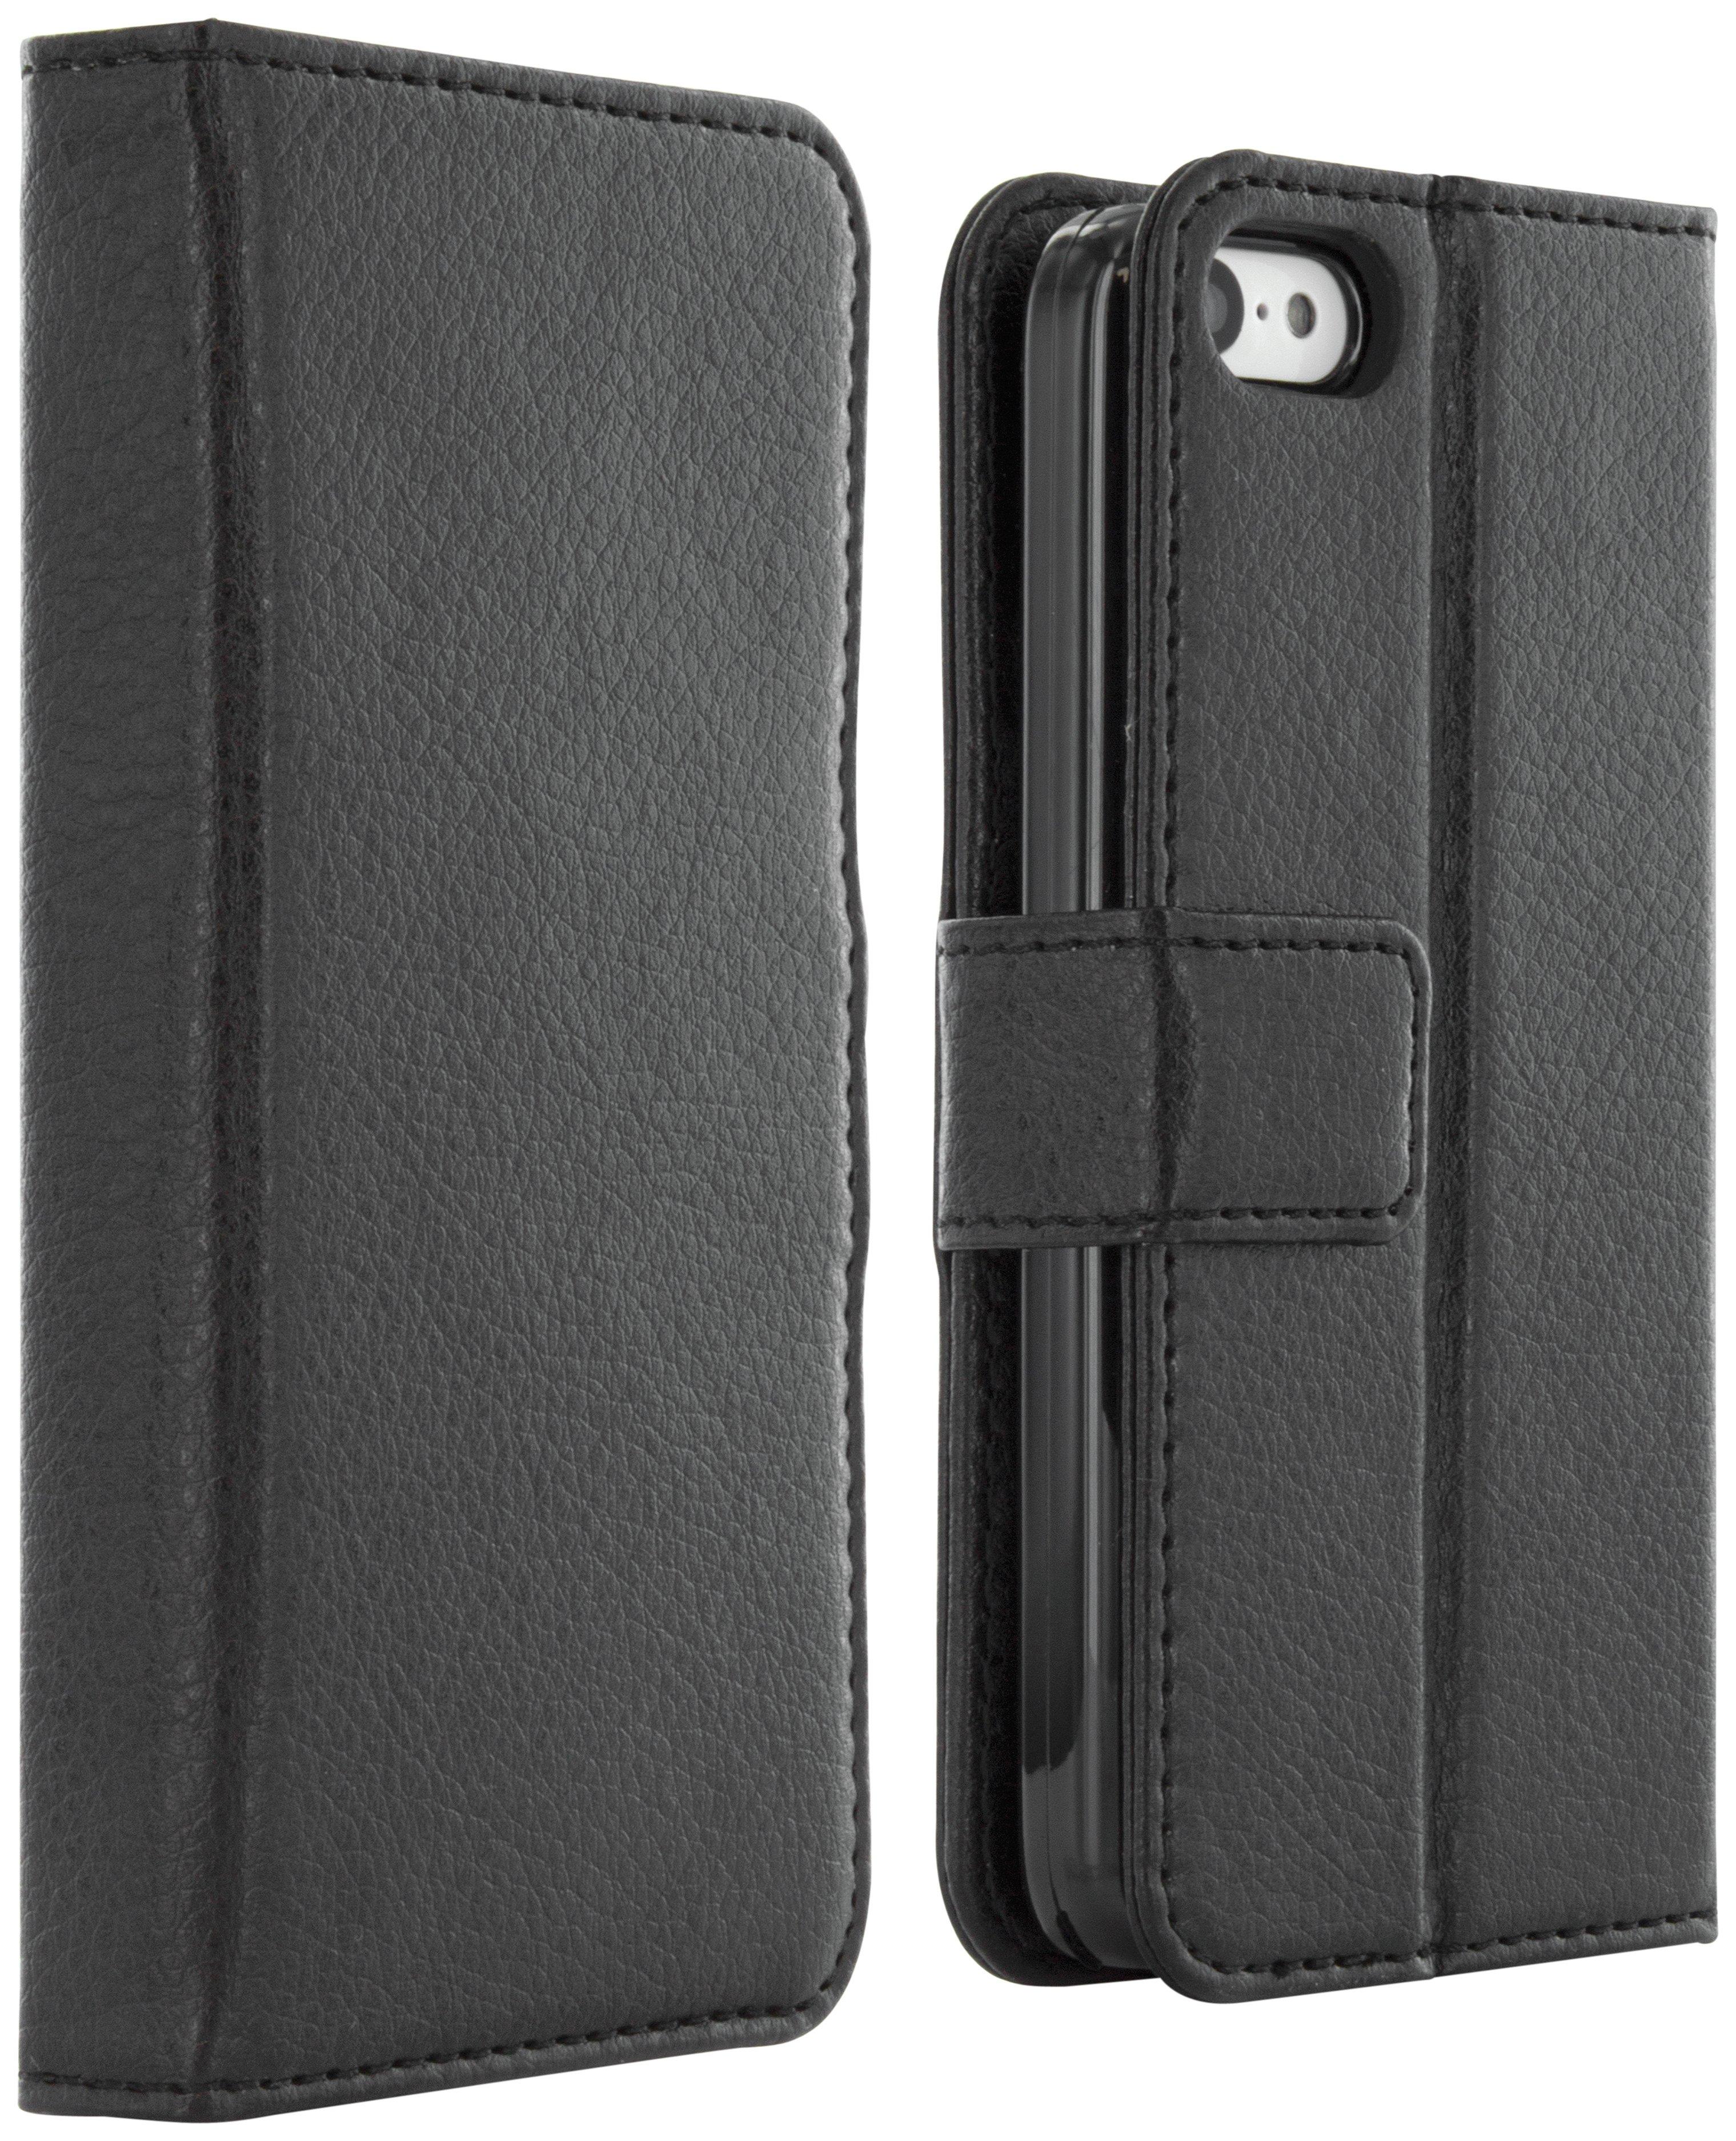 folio-case-for-iphone-5c-black